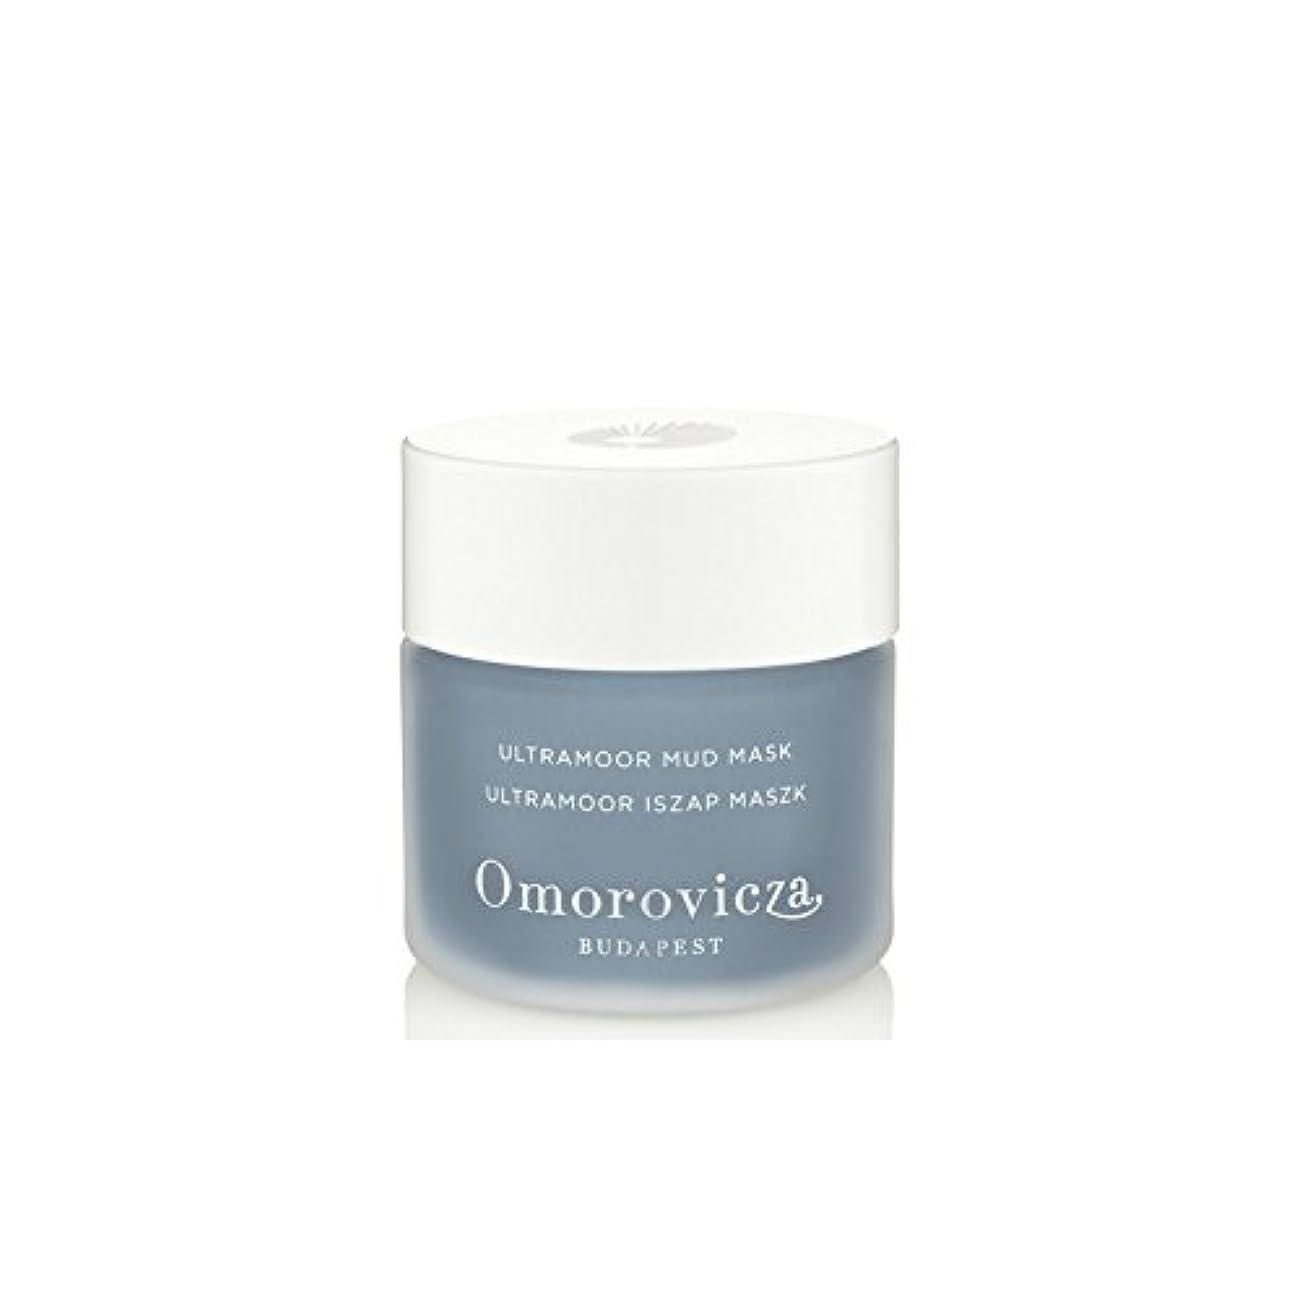 一生援助する解き明かすOmorovicza Ultramoor Mud Mask (50ml) - 泥マスク(50ミリリットル) [並行輸入品]